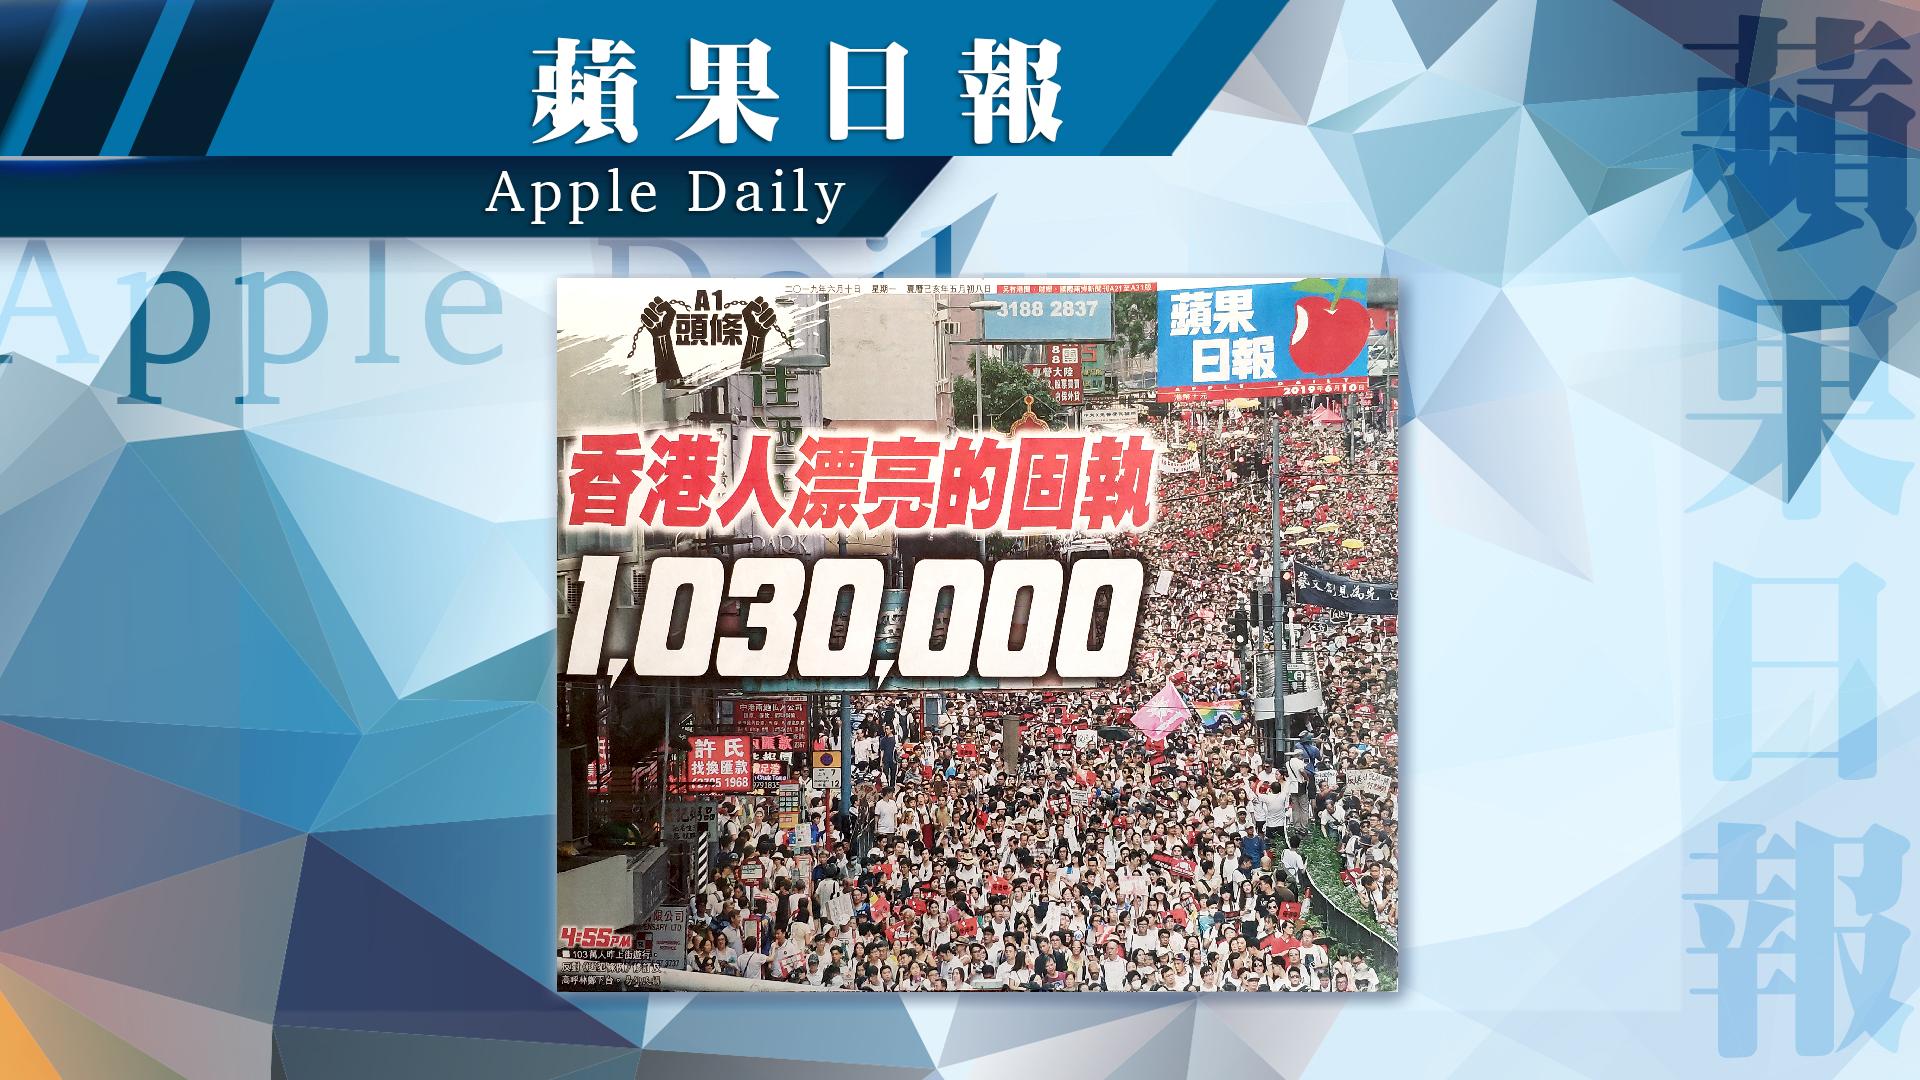 【報章A1速覽】白衣人海反修例 民陣稱103萬;遊行變暴亂 通宵大混亂